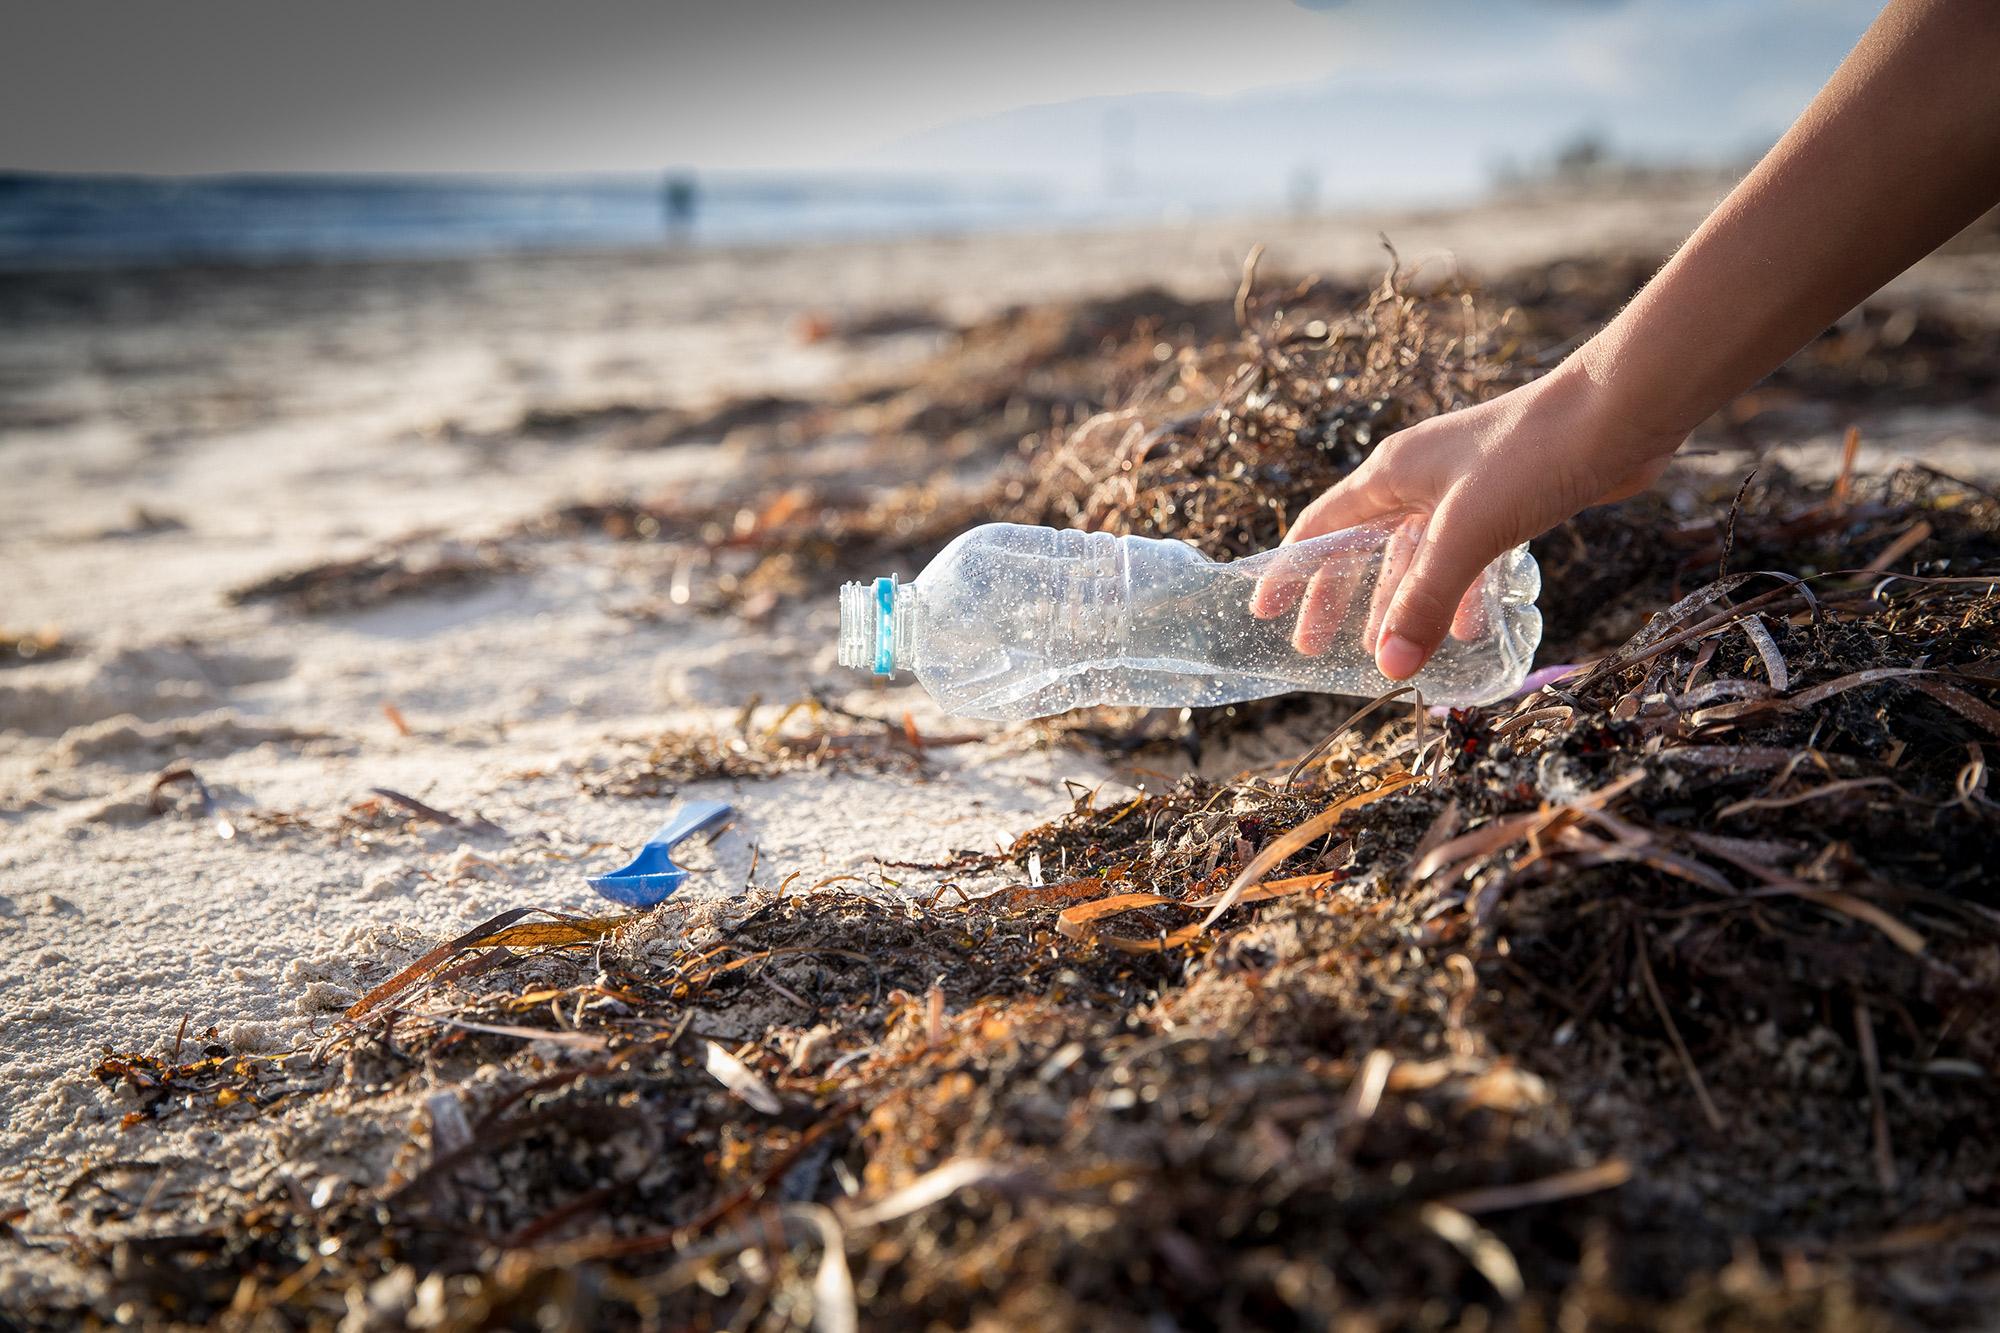 Müll am Strand aufsammeln | von MPIX auf Shutterstock